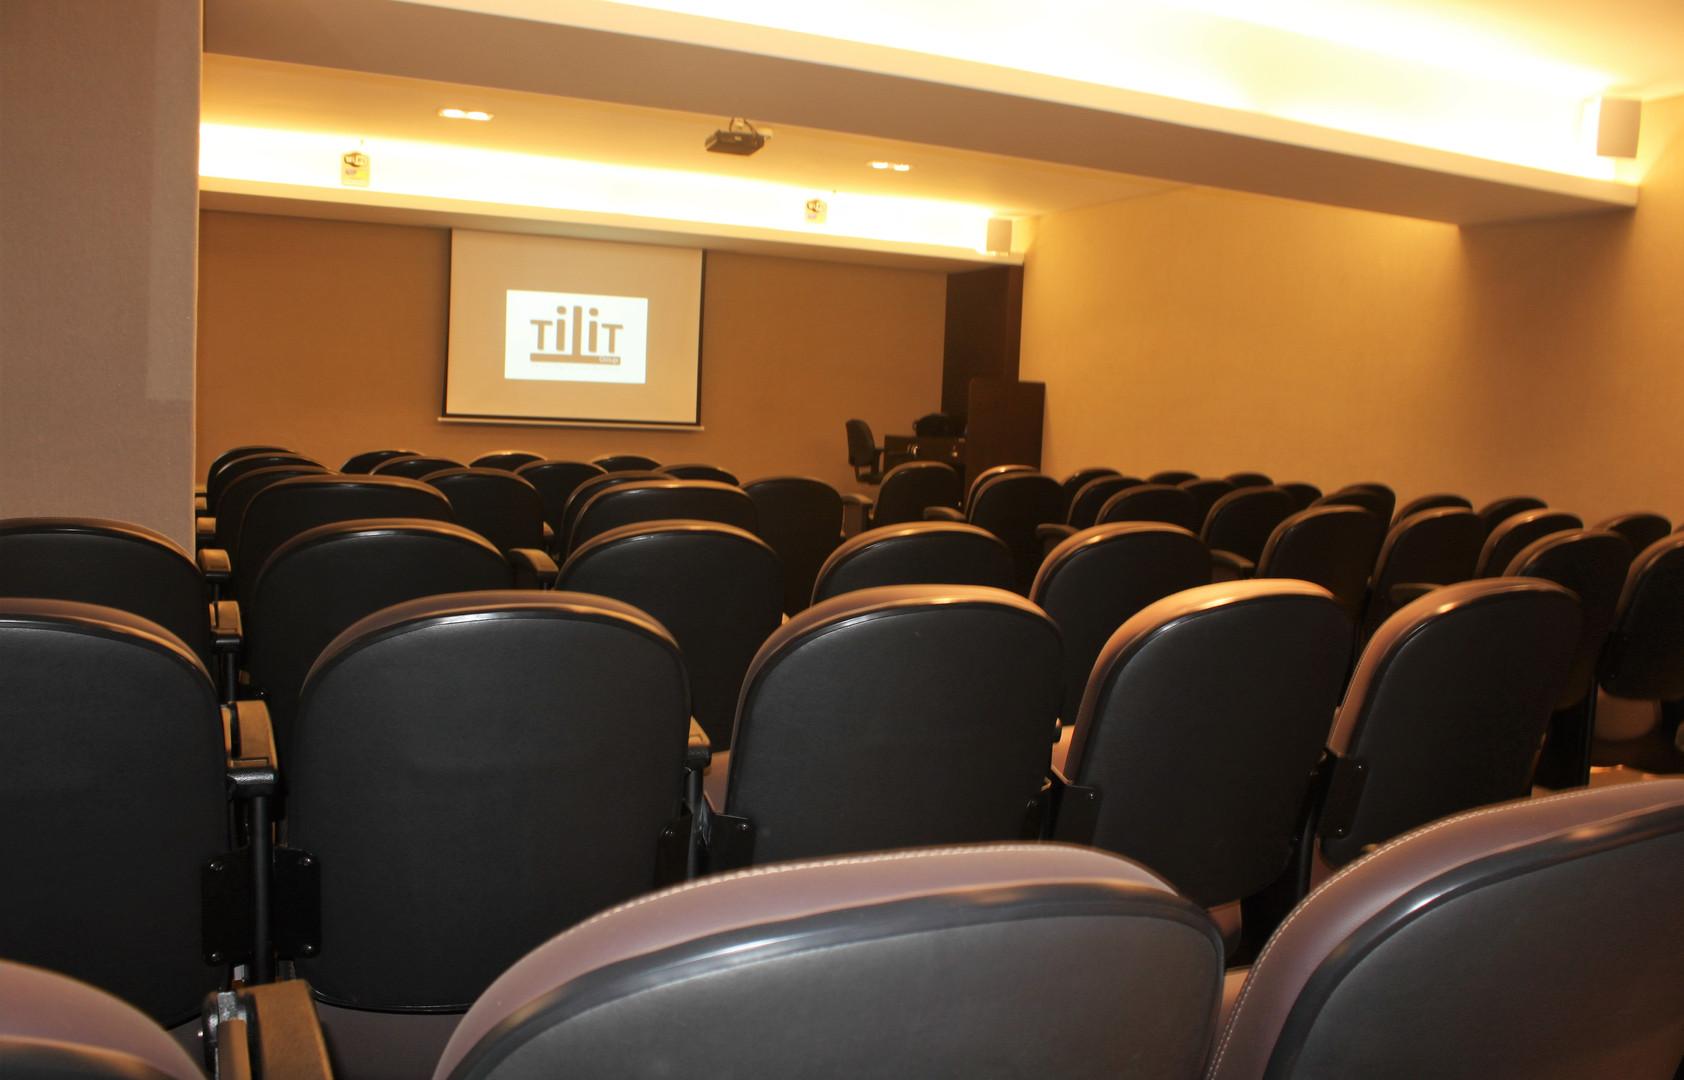 Auditório (65 pessoas) / Auditorium (65 people)